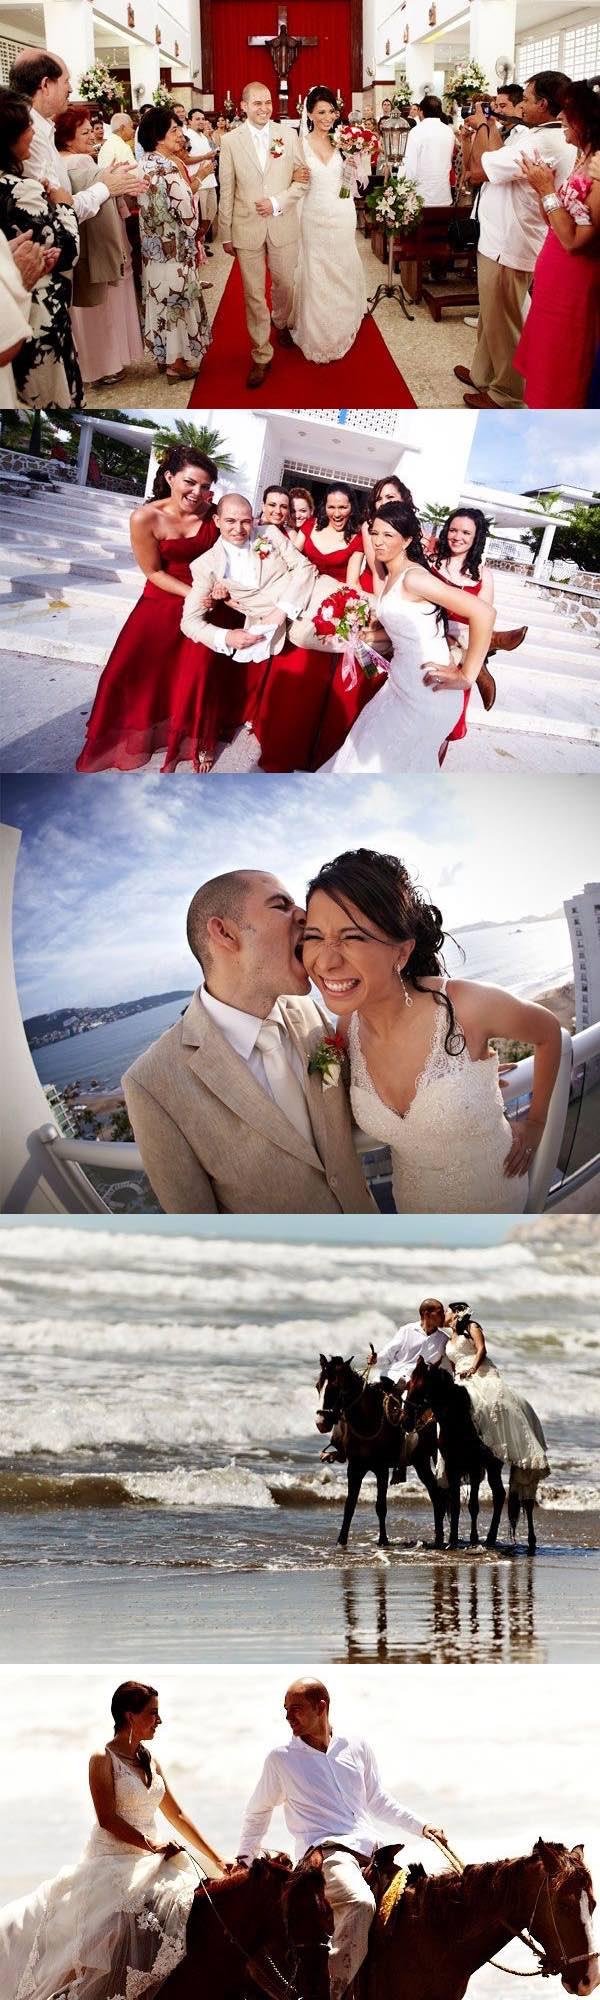 Bodas espectaculares en la playa: Tania y Alberto- una boda en Acapulco